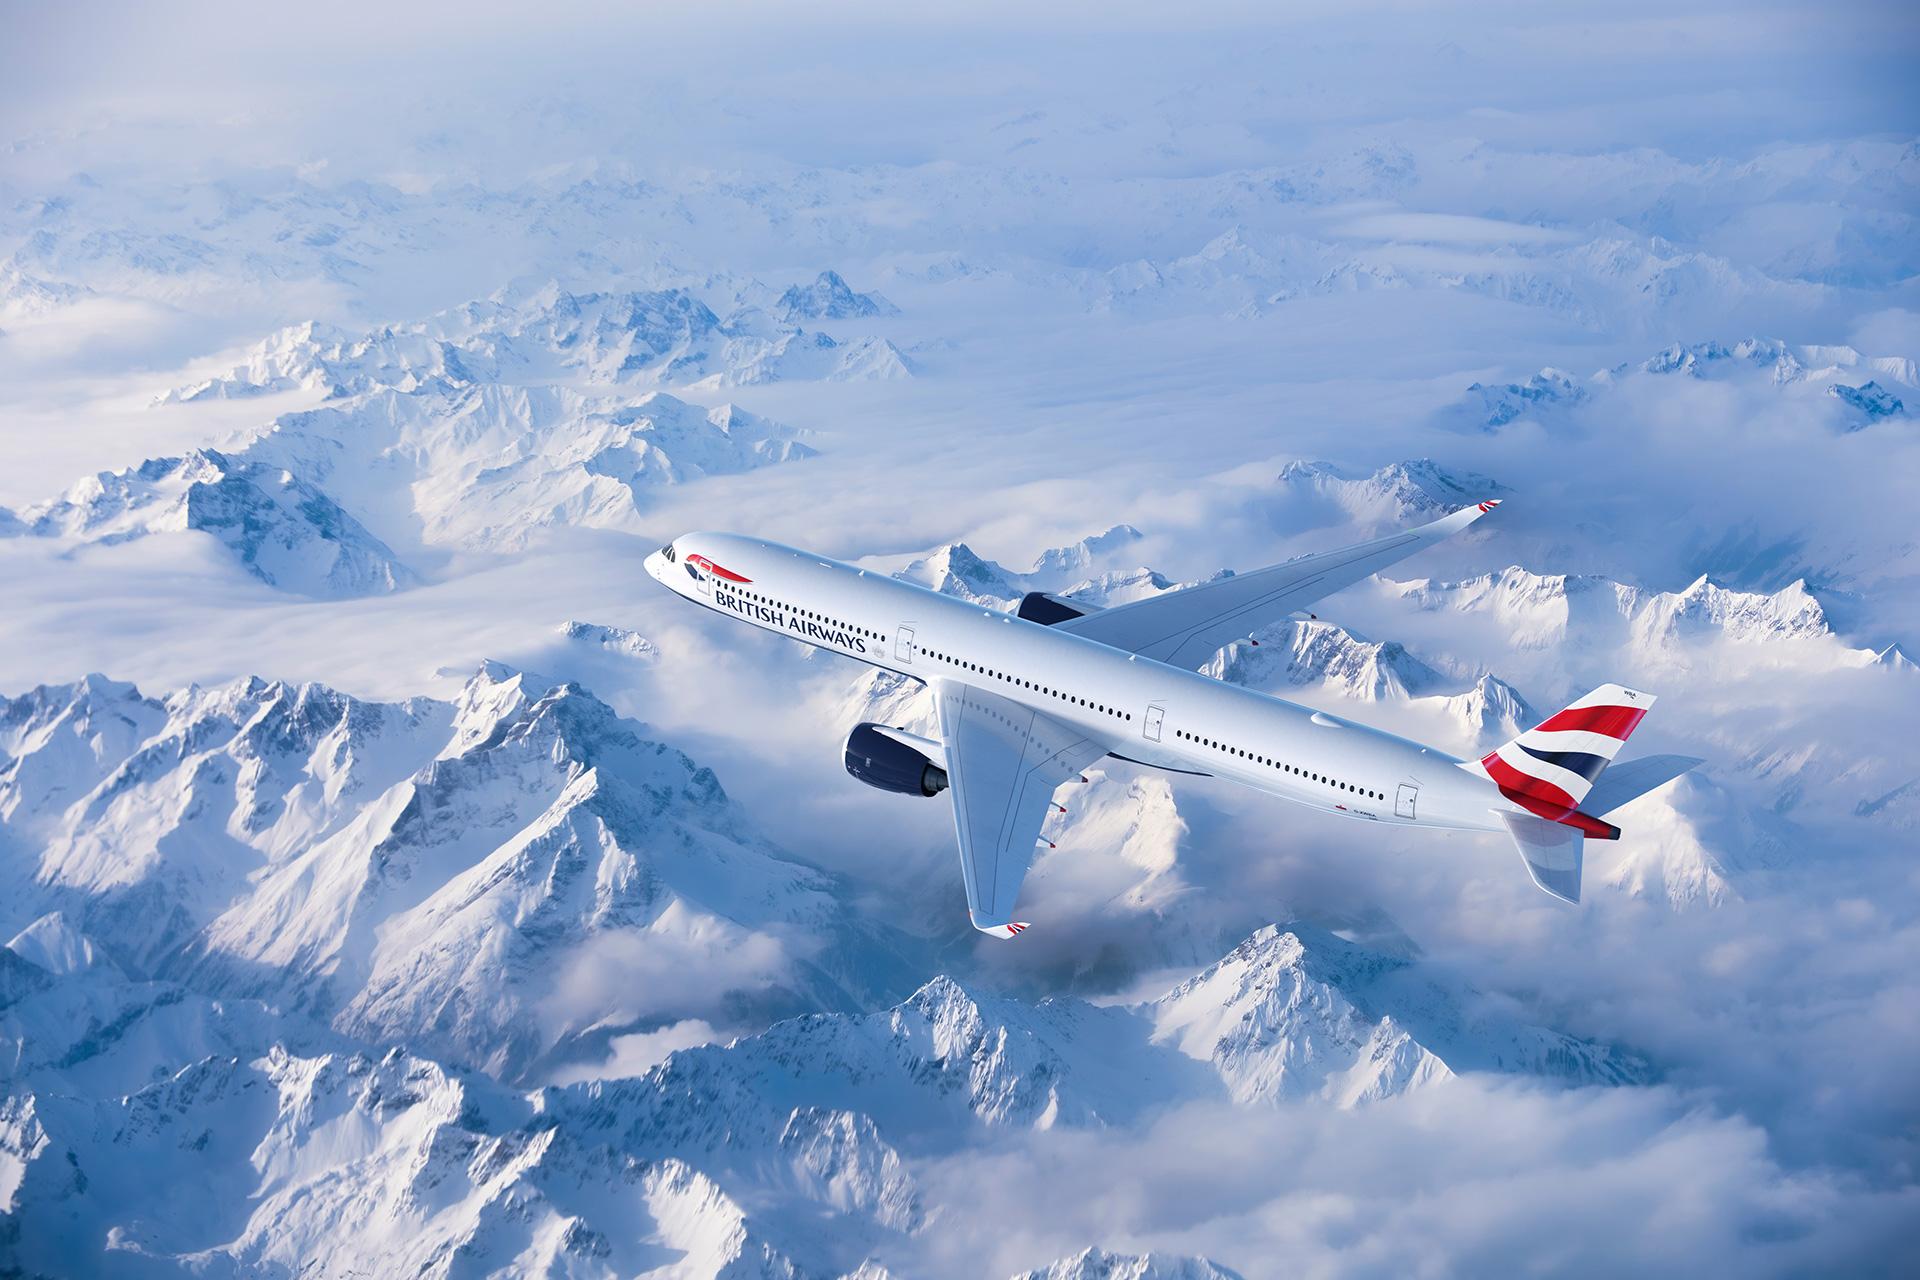 British Airways A350 Showcase Video